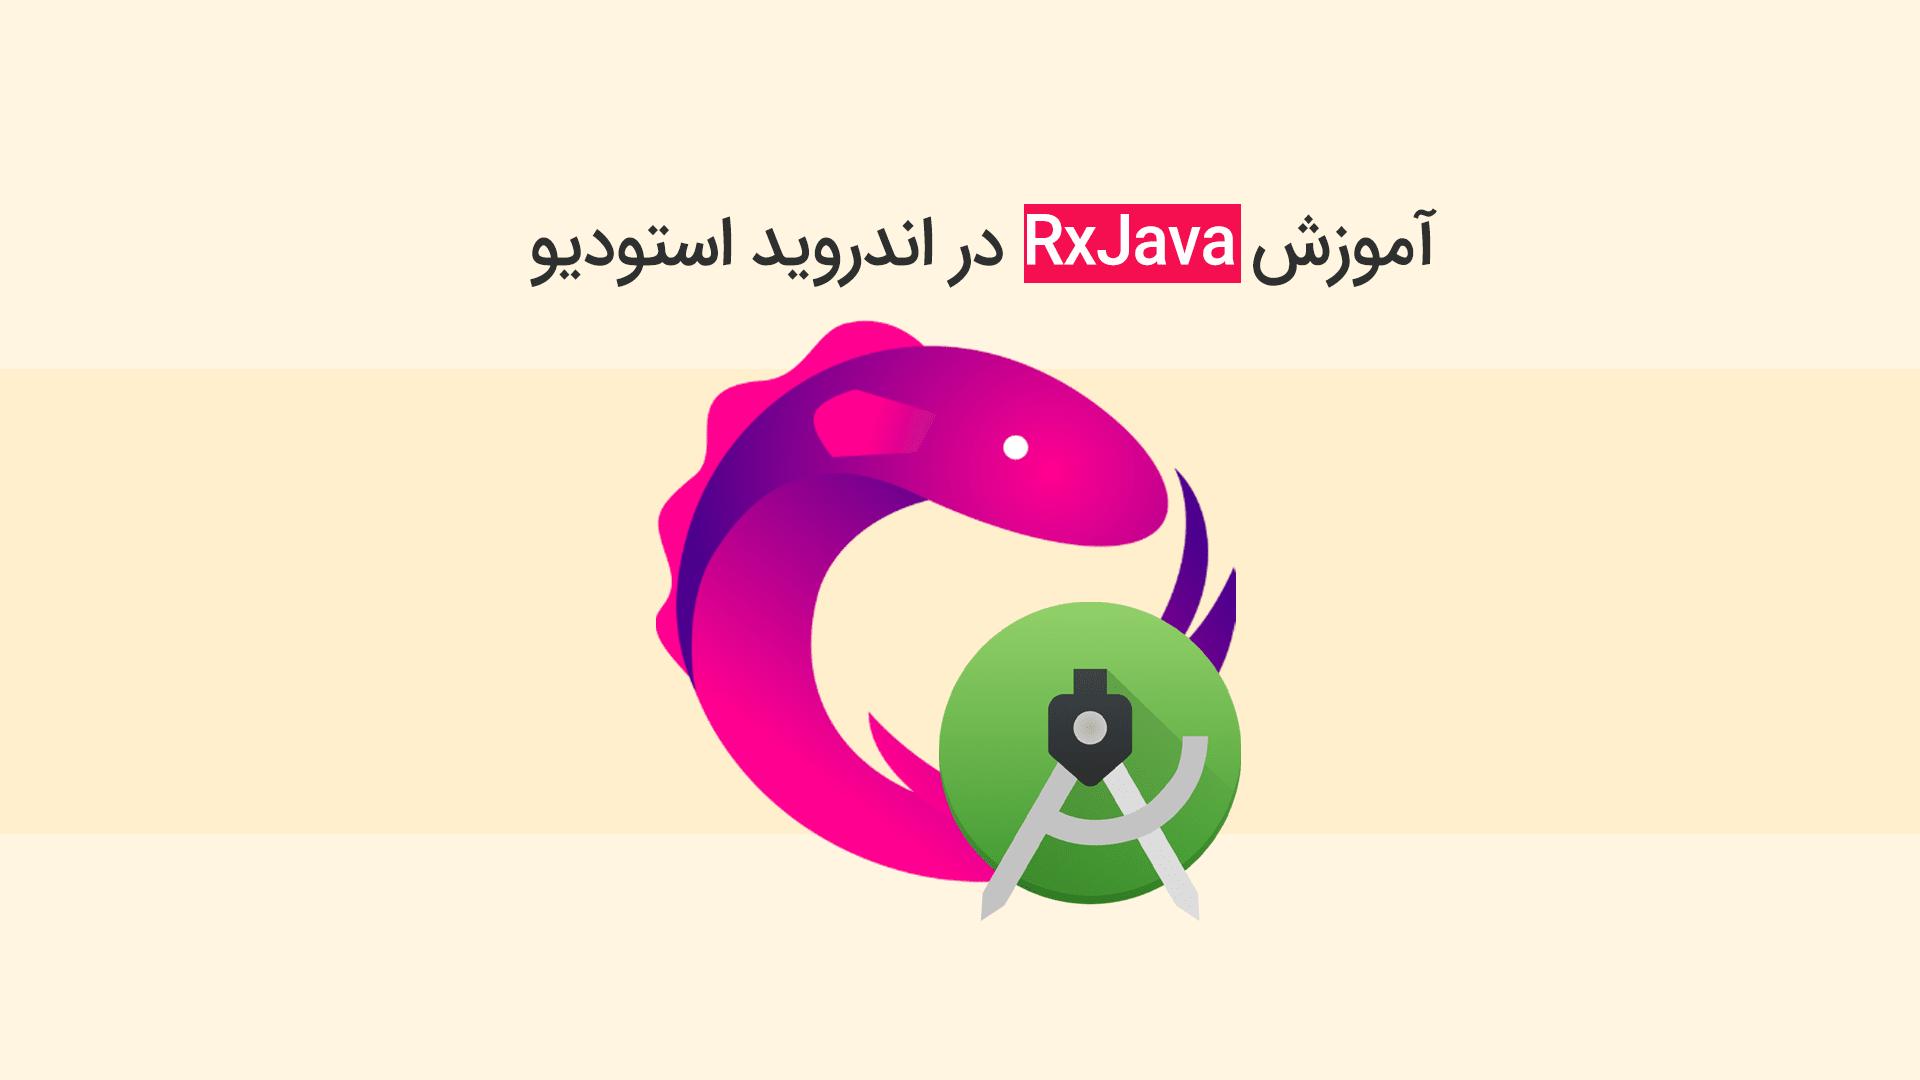 آموزش RxJava در اندروید استودیو – RxJava چیست